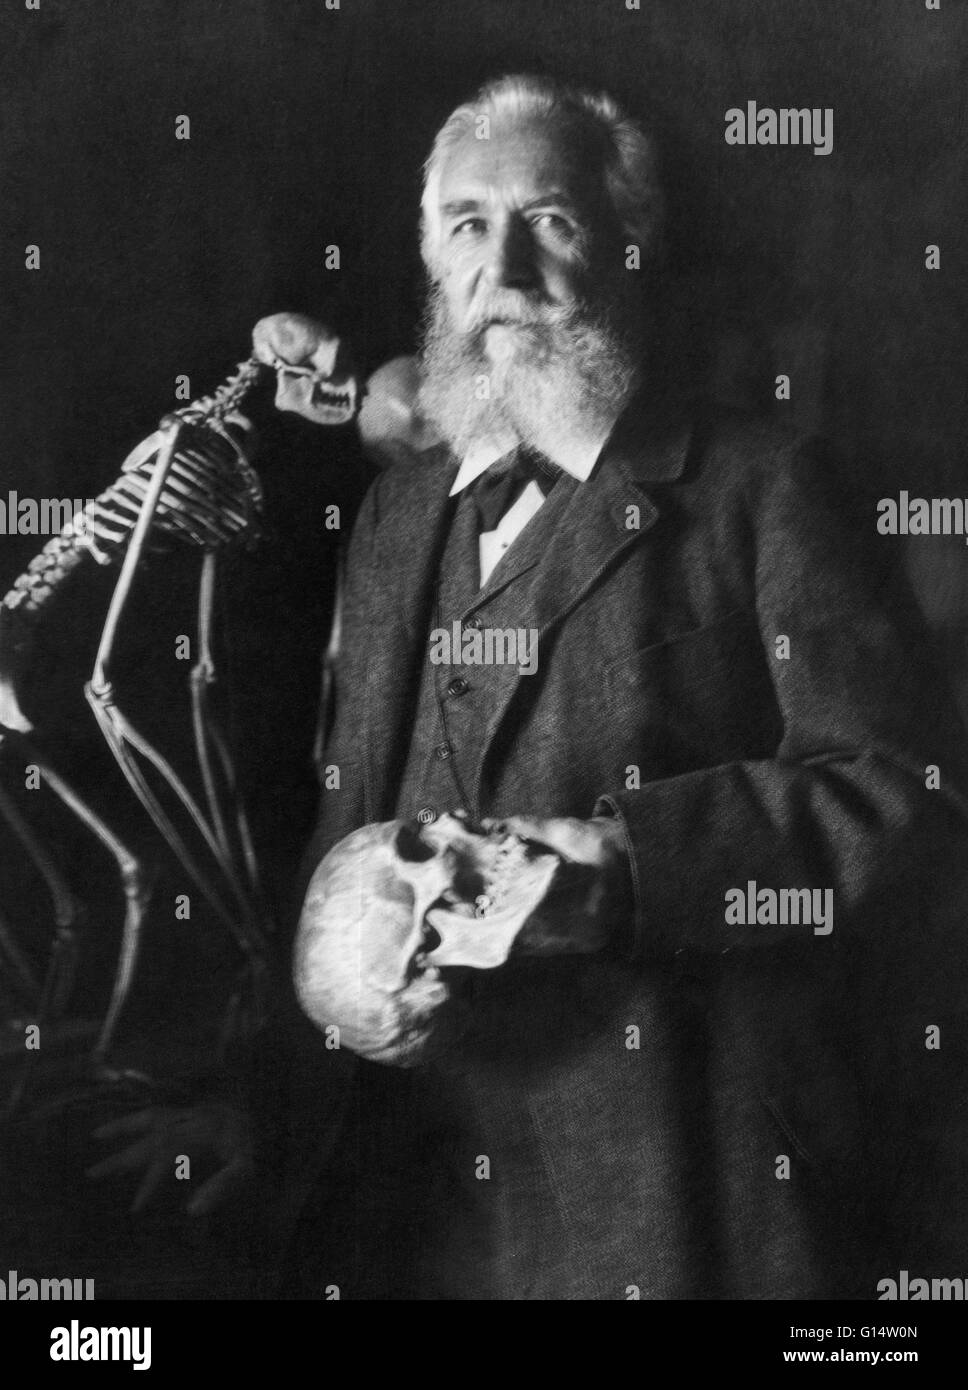 The German naturalist Ernst Haeckel (1834 - 1919) in 1906. Photograph by Nicola Perscheid. Ernst Heinrich Philipp - Stock Image